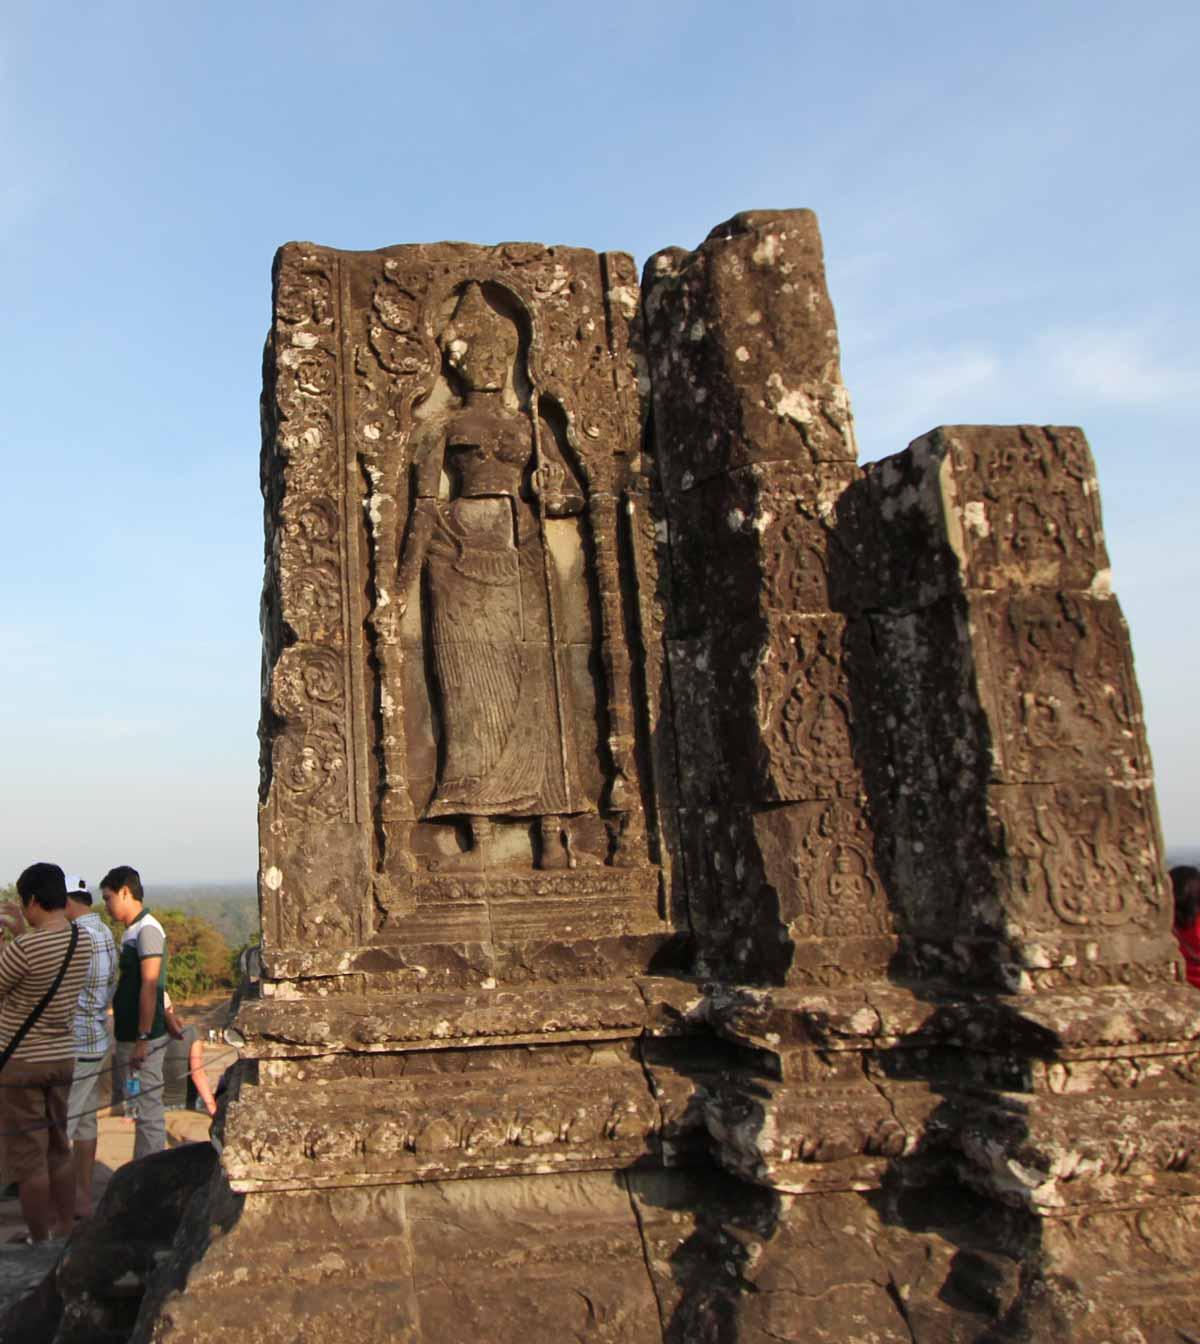 プノン・バケン寺院の像